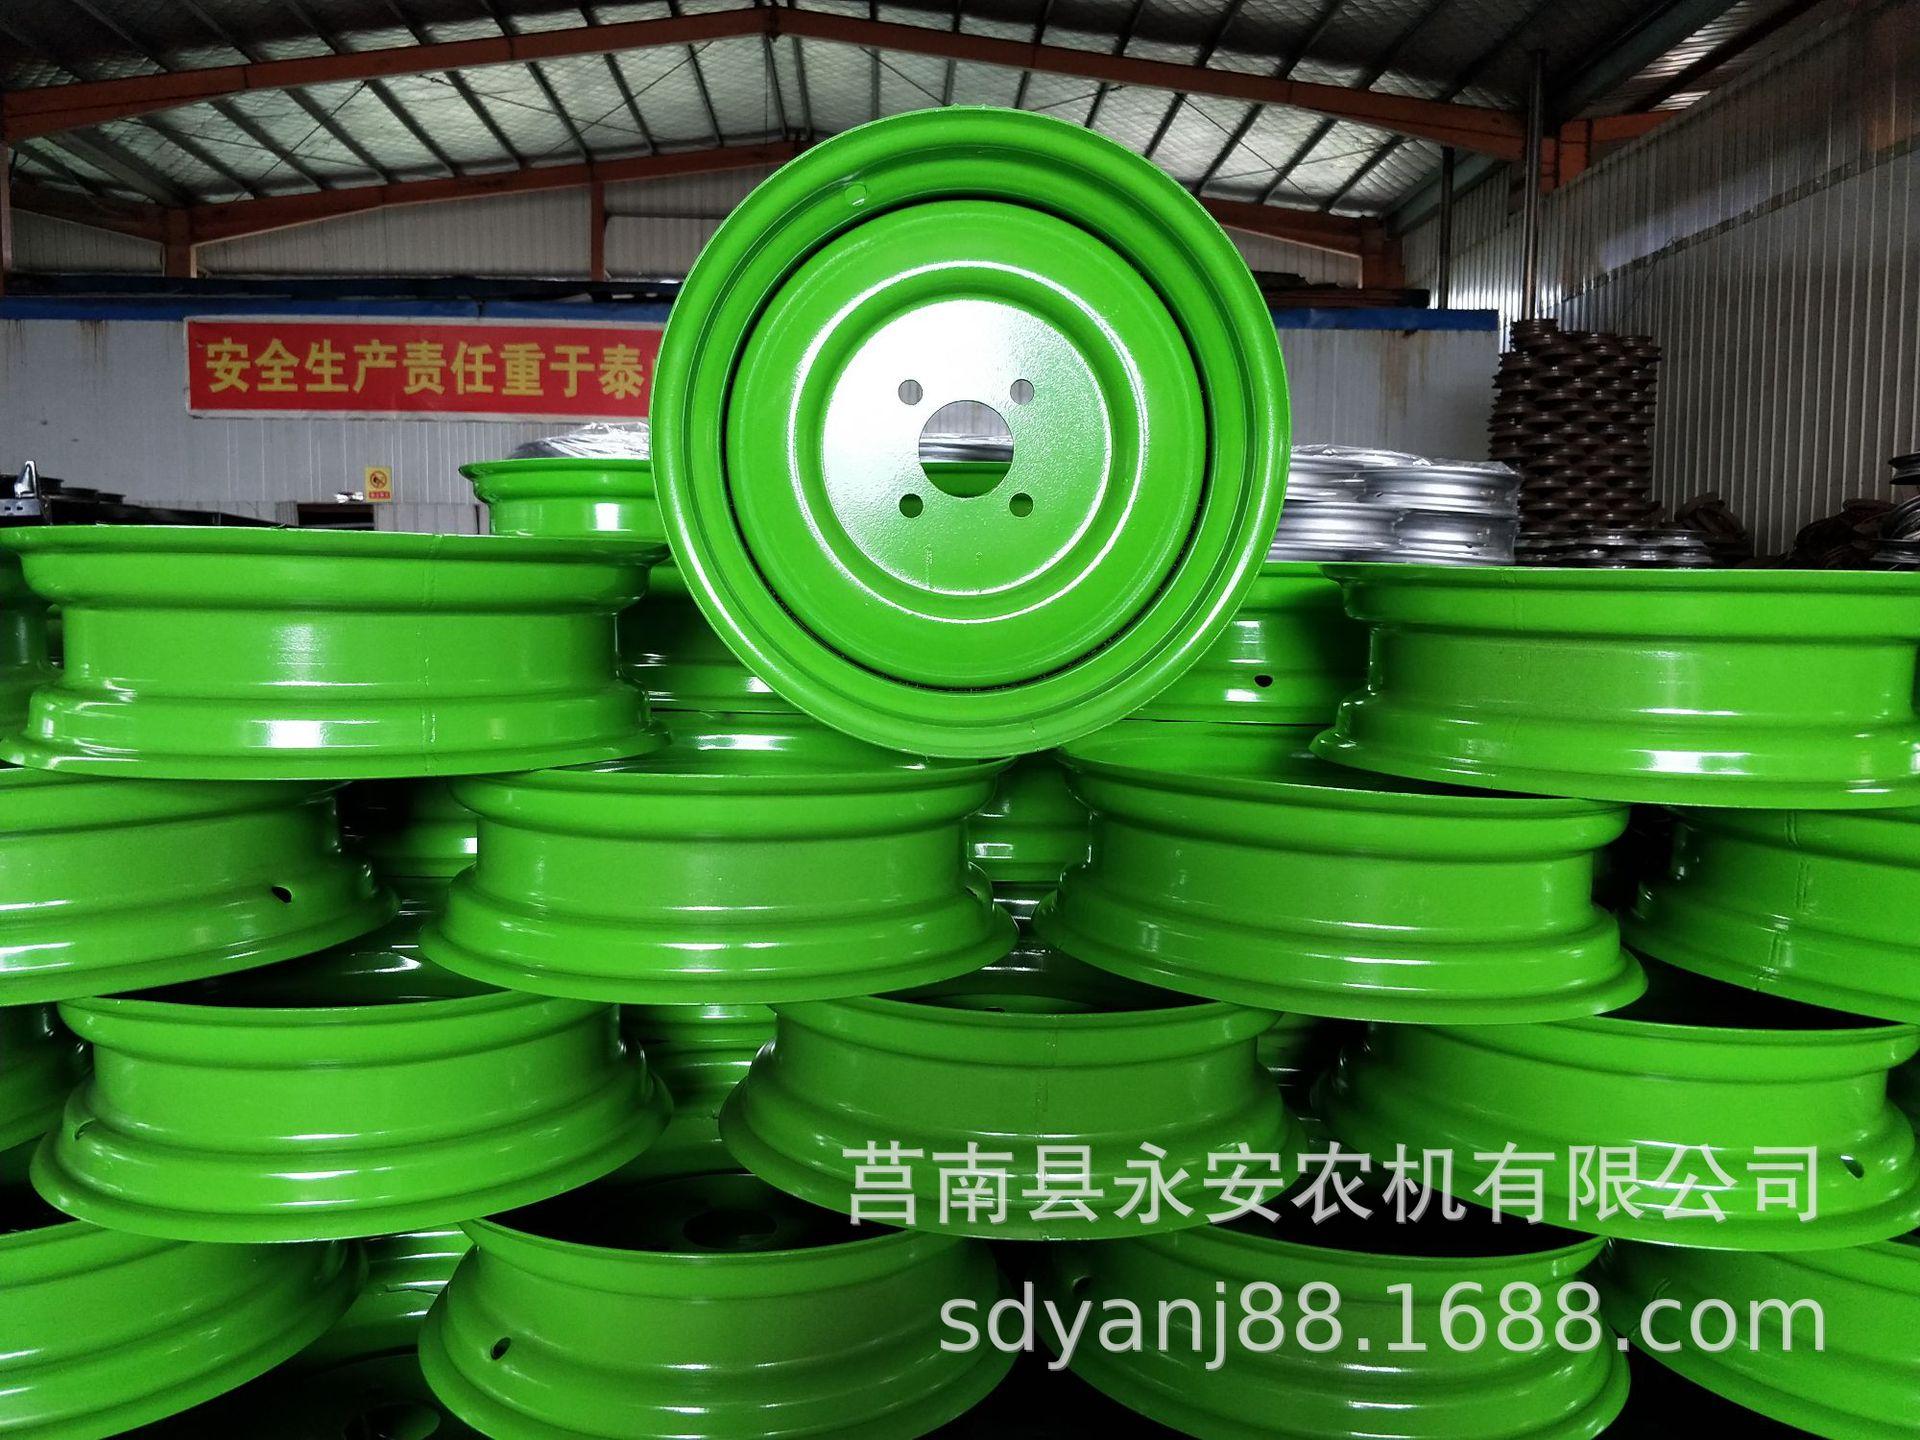 600-14前八轮车轮总成 厂家加工定制各种型号钢圈配套车轴,轮胎